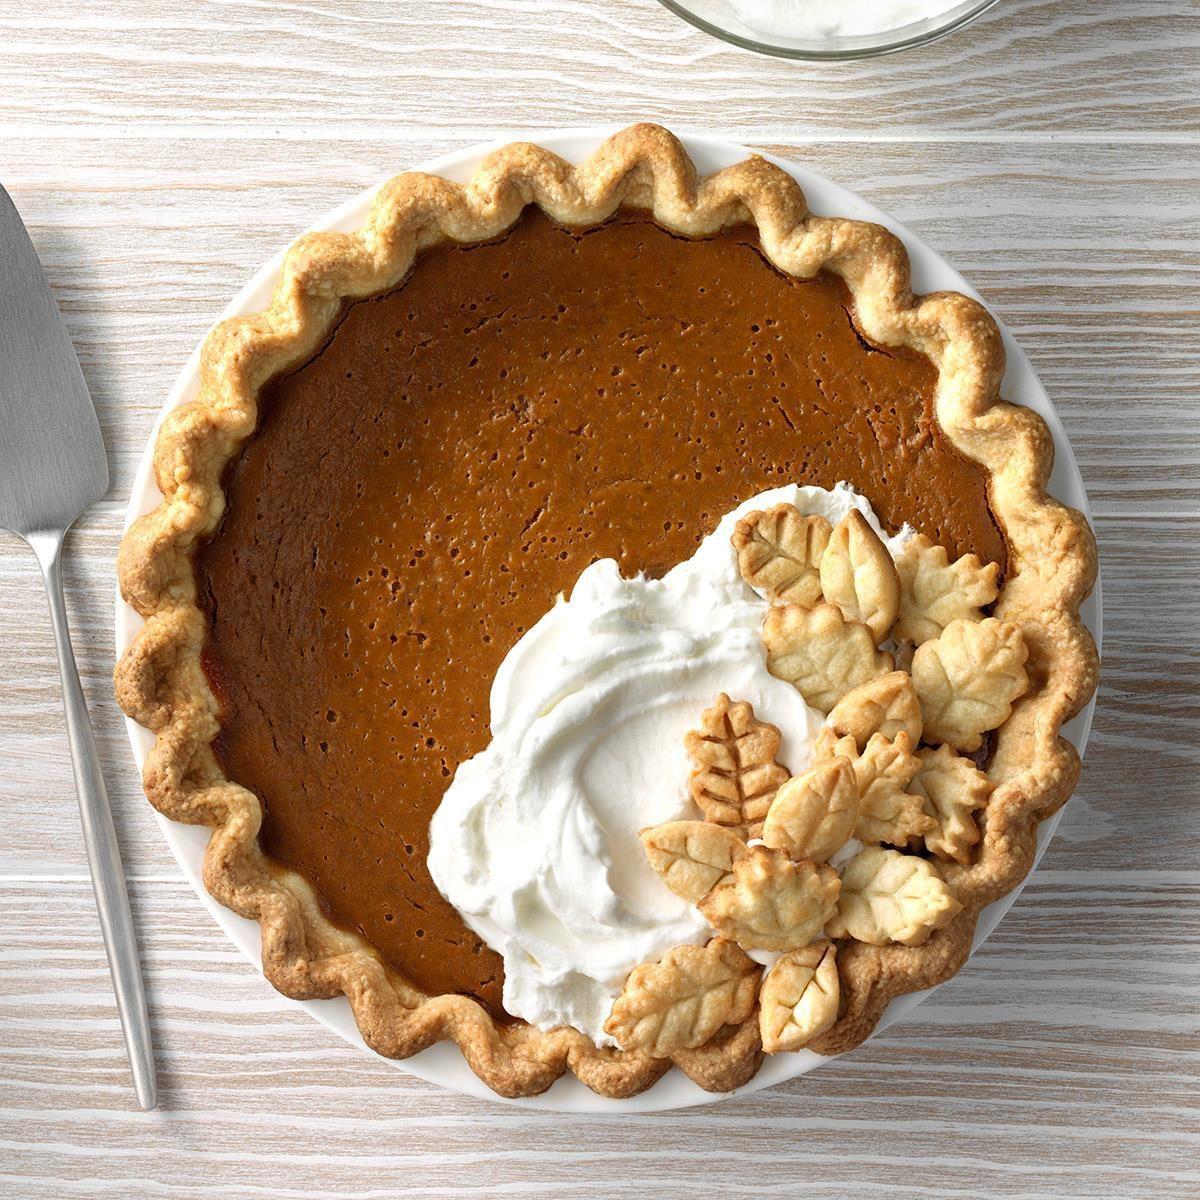 Minnesota: Gingerbread-Spiced Pumpkin Pie